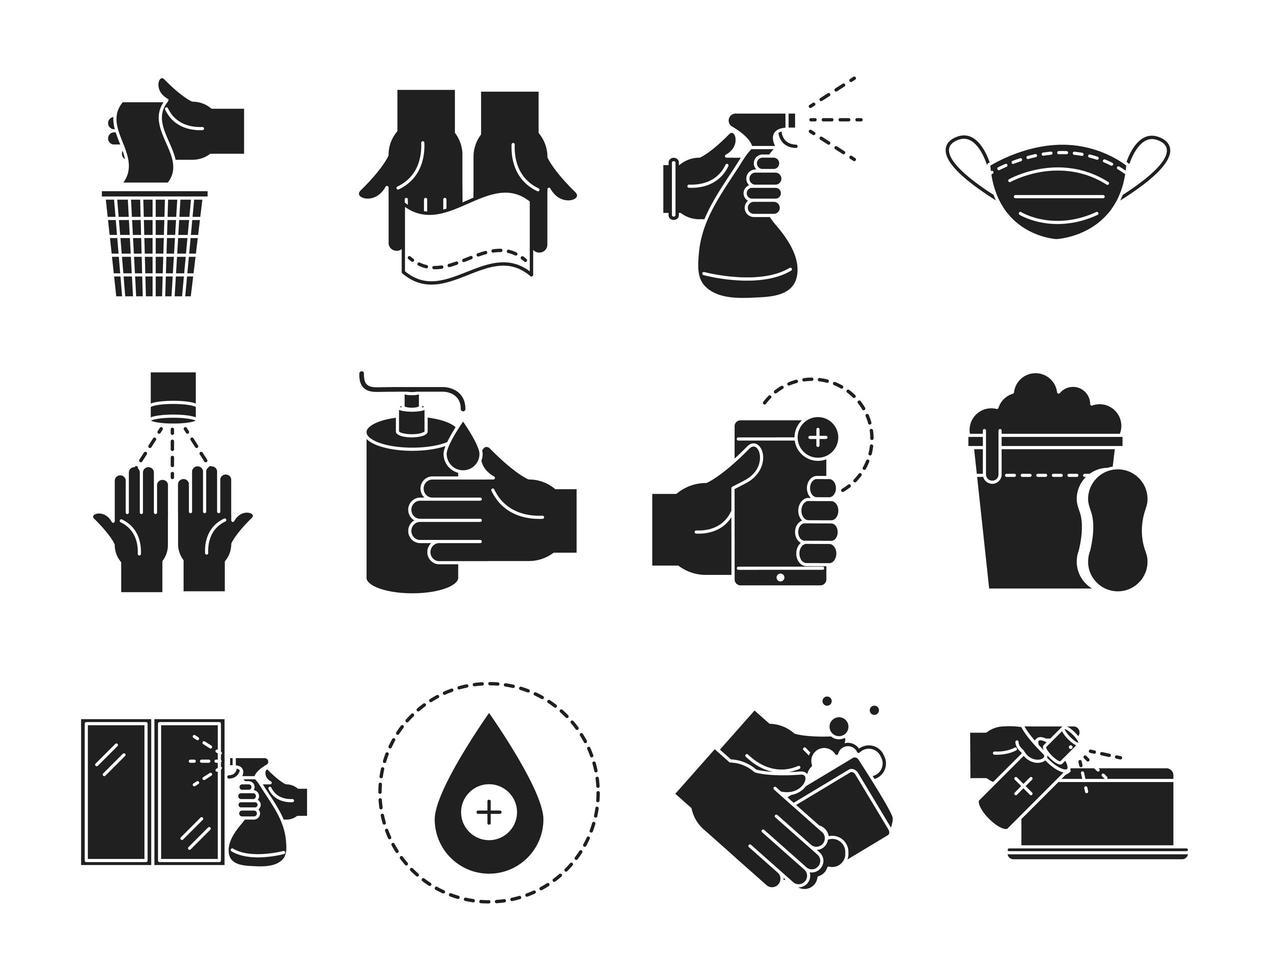 raccolta pulizia e disinfezione silhouette pittogramma icone vettore